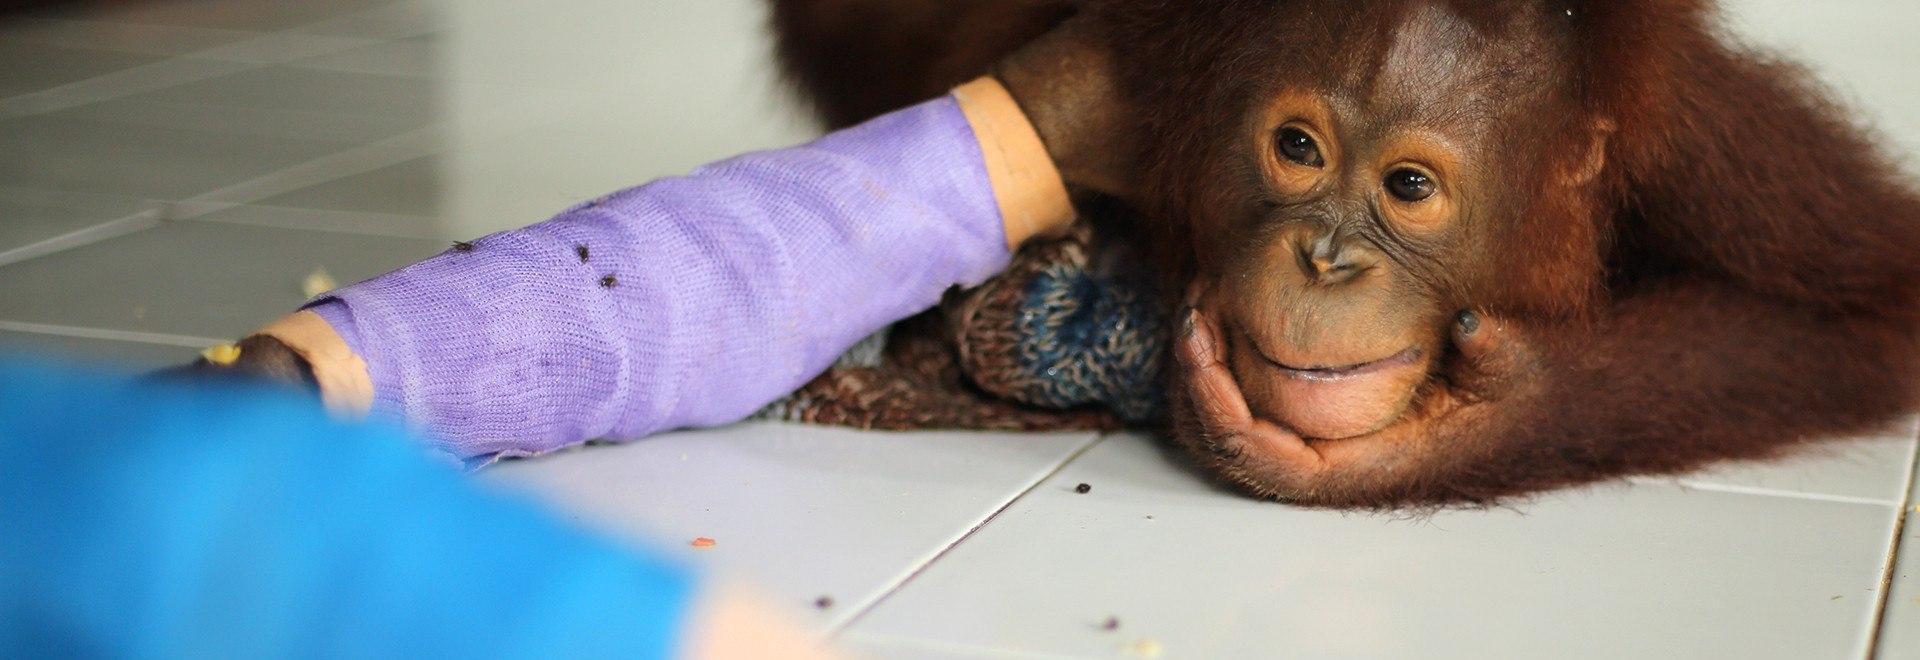 La scuola di sopravvivenza degli oranghi